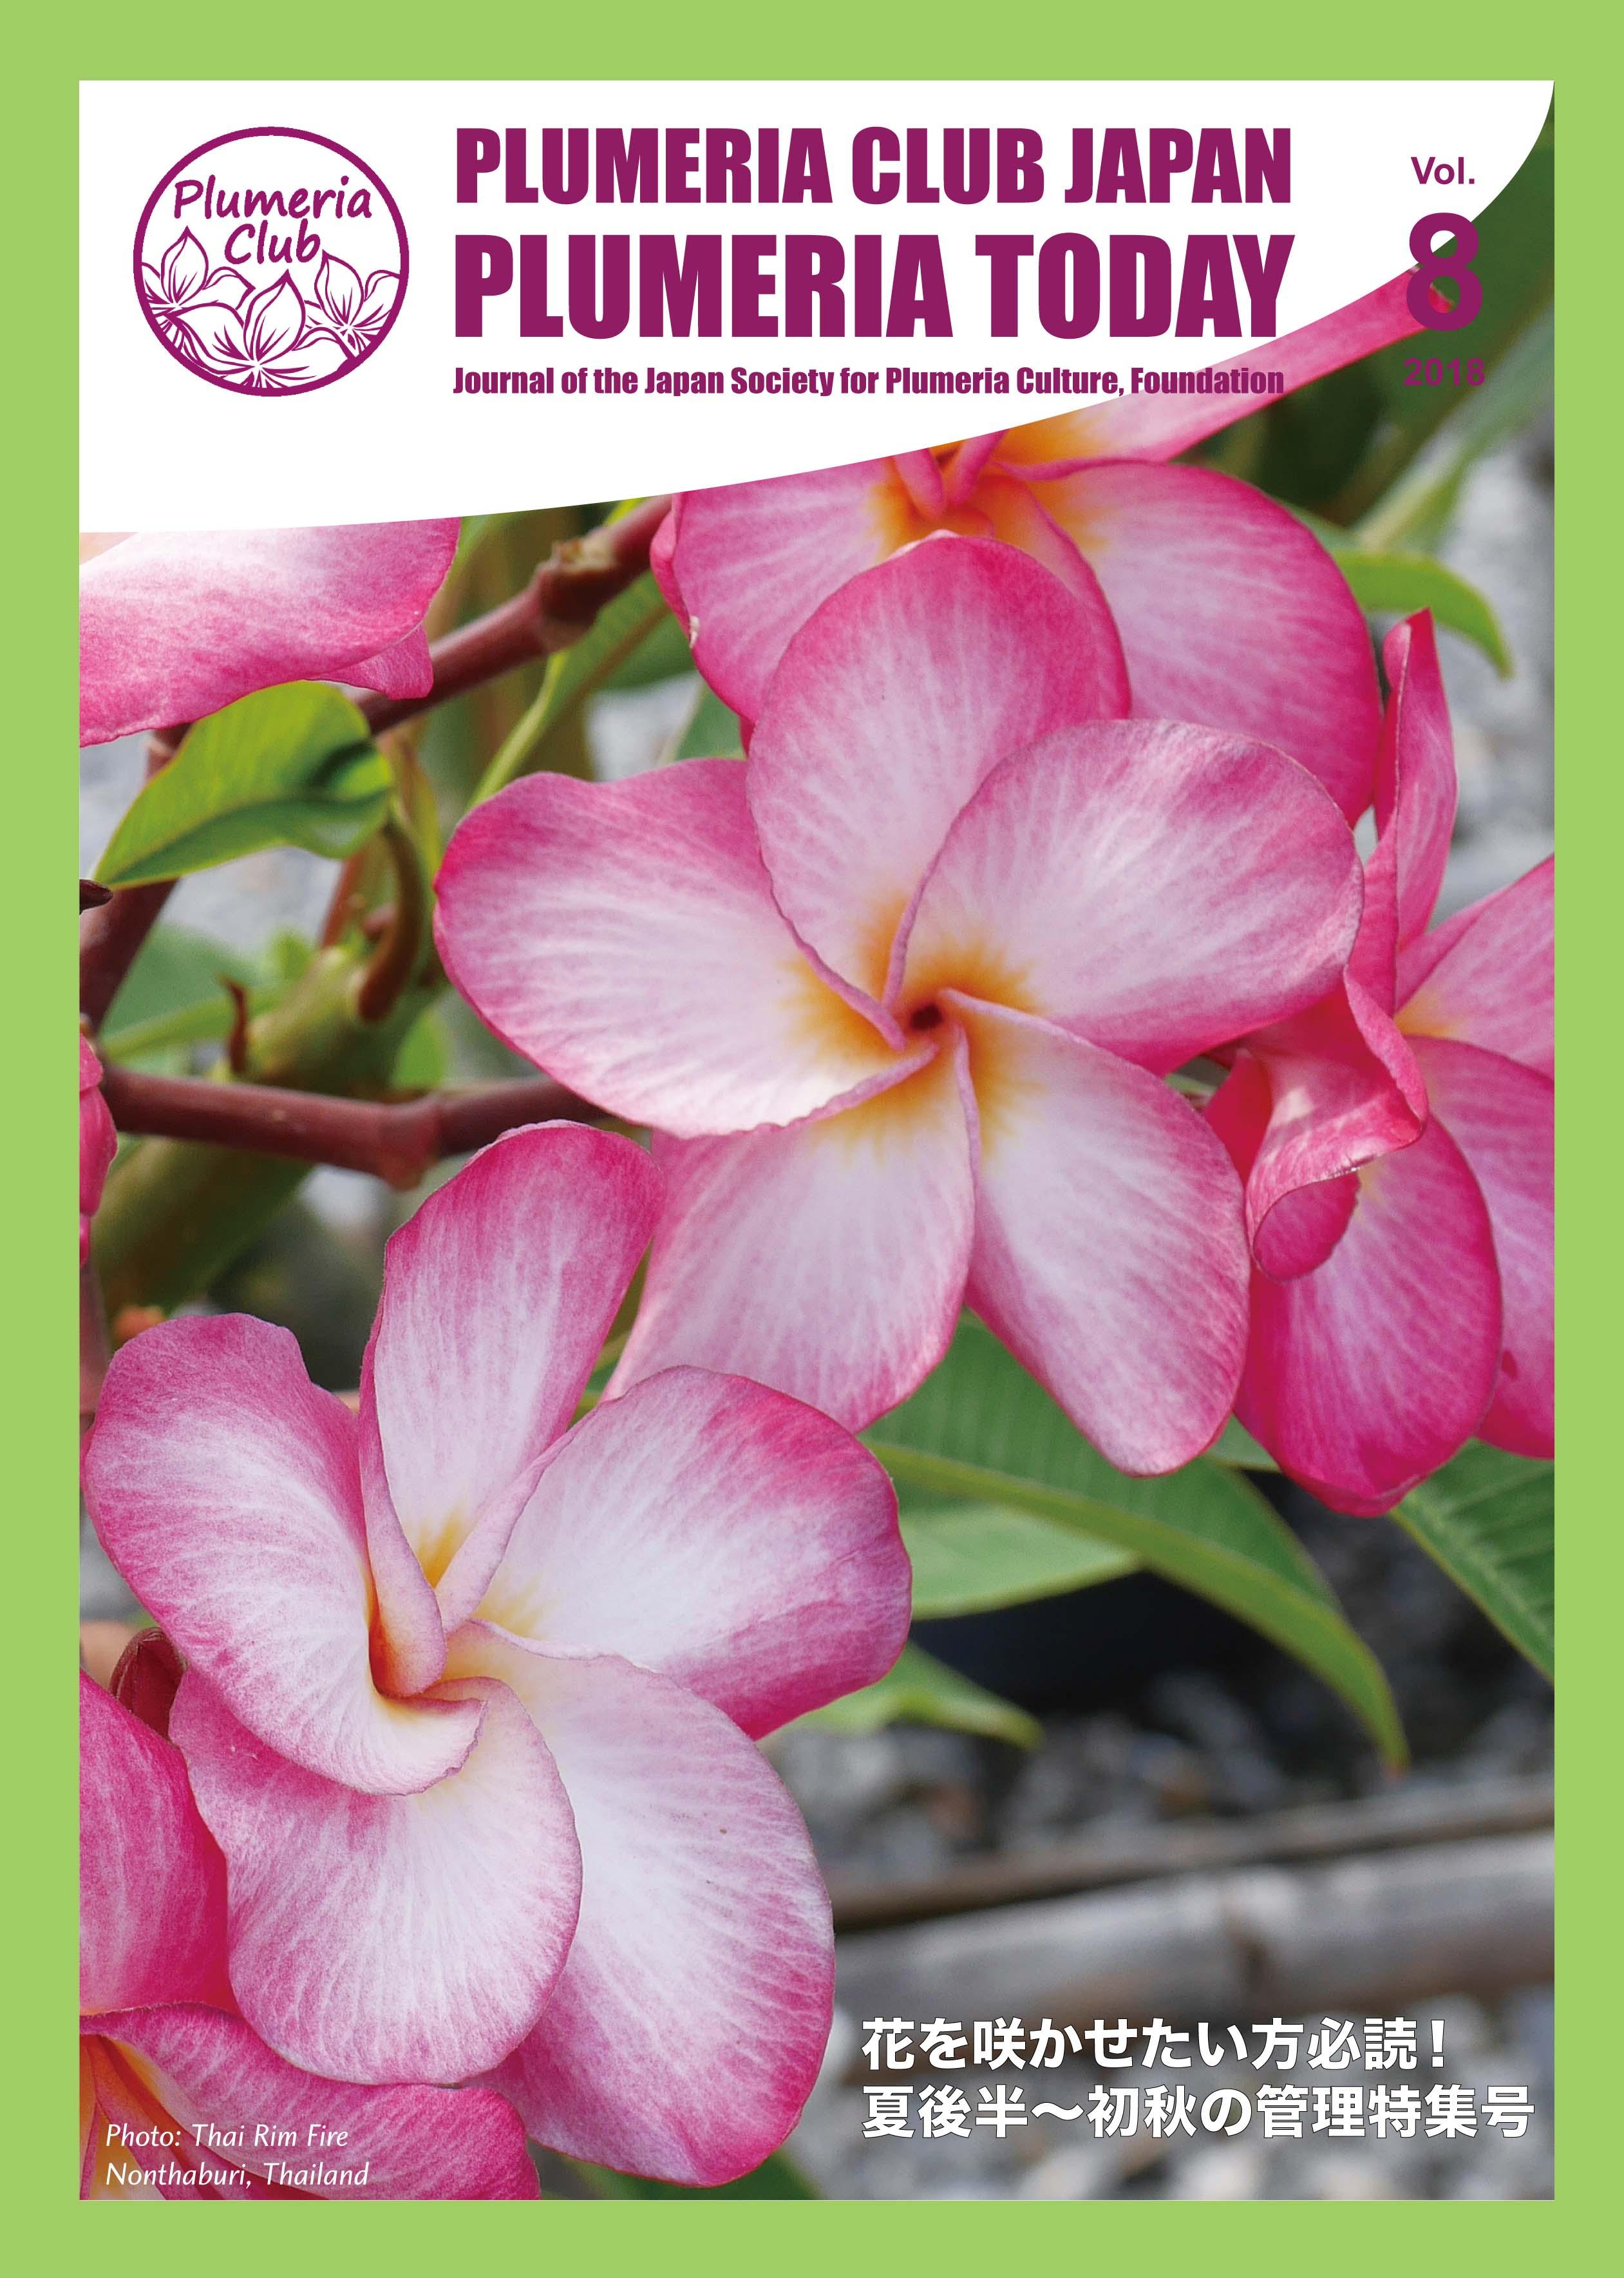 """<div><br></div><div>Plumeria Clubが編集するプルメリア情報誌「Plumeria Today」 は国内や海外のプルメリア情報をお届けする不定期のニュースマガジンです。</div><br>本年2回目の発行となるVOL.8は全12ページ、フルカラー(表紙含む)にてお届けします。<br><br>昨年とは夏号の発行時期をずらして昨年は取り上げられなかった夏の終盤からの咲かせるための管理の豆知識や最新情報をお届けします。<br><br><font color=""""#ff0000"""">やまちゃんの咲かせ方講座は今回から「やまちゃんの技あり栽培技術」紹介コーナーにリニューアルされます。長年の経験に基づいてやまちゃんが独自に生み出した栽培テクニックが紹介されると思いますのでお楽しみに!</font><br><br>なかなか見られない海外のプルメリア農園の紹介や、現地からのレポートも掲載予定ですのでお楽しみに!<br><br>その他、国内外のプルメリア紹介など盛り沢山の内容でお届けいたします。<br><br>【VOL.8 の特集内容】<br>①Plumeria Report Worldwide(海外レポート)<br>②Special Report(プルメリア情報)<br>③Plumeria Labo(技術情報紹介)<br>④Growing Advise(やまちゃんの技術紹介コーナー)<br>⑤Seasonal Topics(季節の情報 - 晩夏〜初秋の管理特集)<br>⑥Members' Report (全国のみなさんの活動紹介)<br><br>その他にも多彩なトピックスをお届けいたします。<br><br><br>【お届けに際してのご注意】<br>商品はゆうパケットもしくは定形外郵便(ご注文数量に応じていずれかをこちらで選択させていただきます)にてお届けいたします。<br><br>いずれもポストへの投函となり到着日時指定はできませんのでご了承下さい。<br><br>【お届け予定時期】<br>8月下旬より発送開始予定です。<br>"""